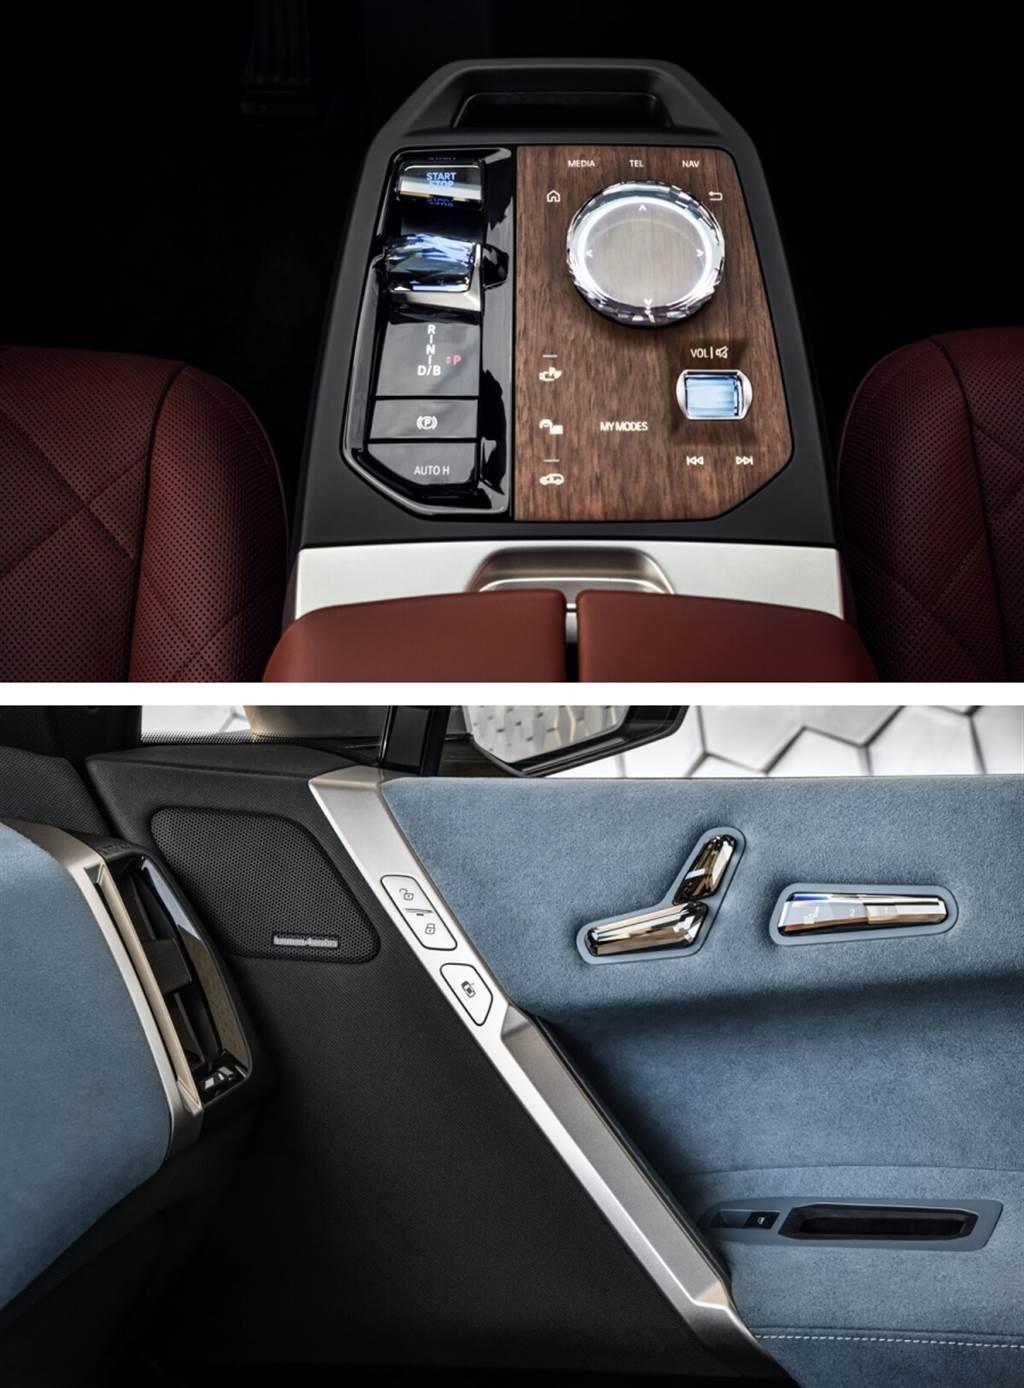 內門板佈局採用獨特的對角線分割,使用不同的顏色和材料。門把手已巧妙地集成到對角線飾條中,該飾條中還裝有用於啟動電動門開啟功能的按鈕。用於調節座椅位置的按鈕則位於前門肩部的頂部,以人體工程學圖示座椅形式順序排列,用於記憶位置的按鈕面板則直接位於旁邊。另外,乘客側扶手還裝有一個用於存放手機的隔間,而車內完全看不到音響揚聲器,其隱藏在門板織物裝飾之下,以及首次集成到座椅之中。